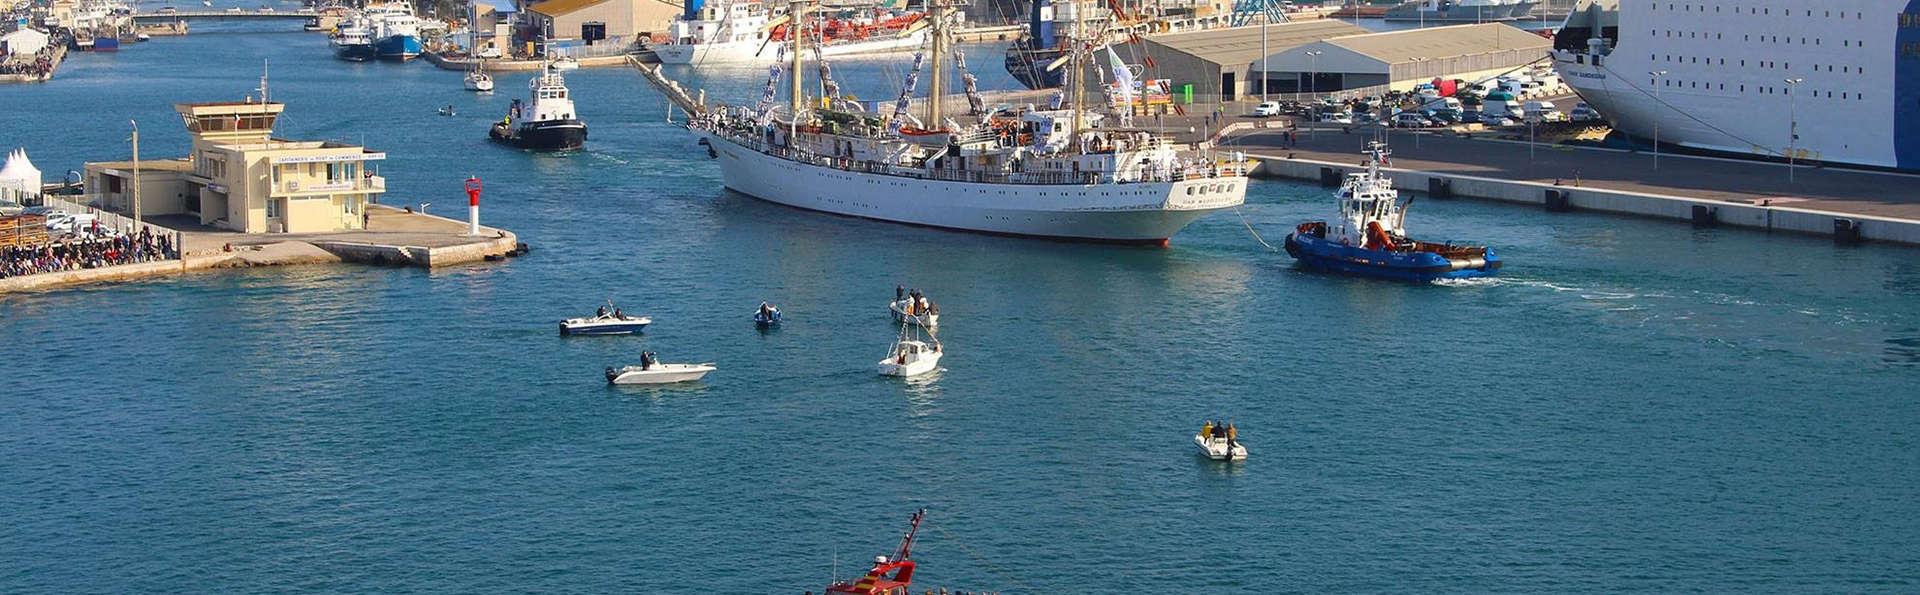 Week-end au bord de la mer avec croisière à Sète